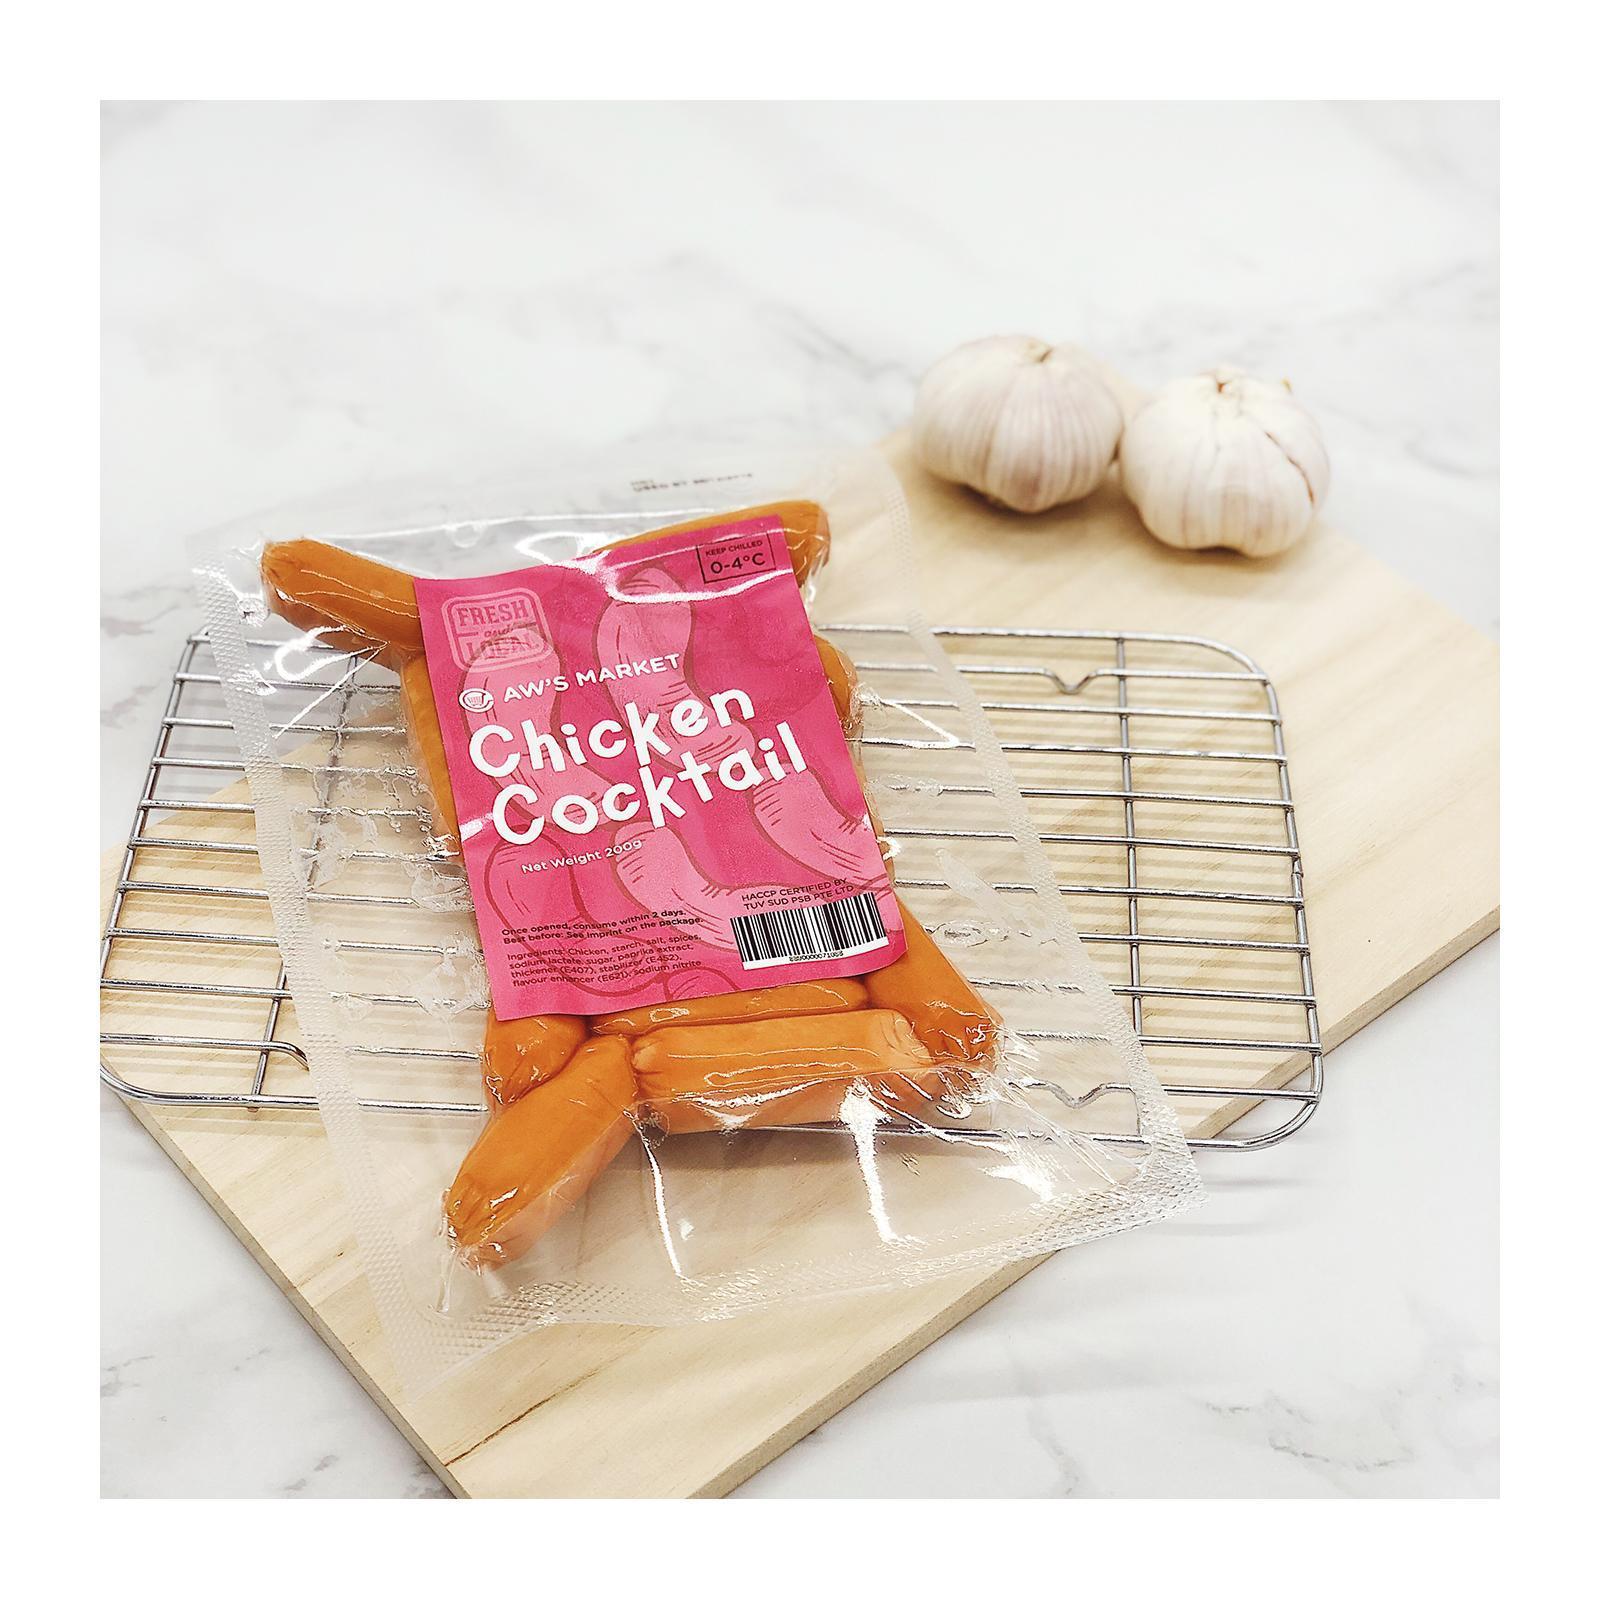 AW'S Market Chicken Cocktail